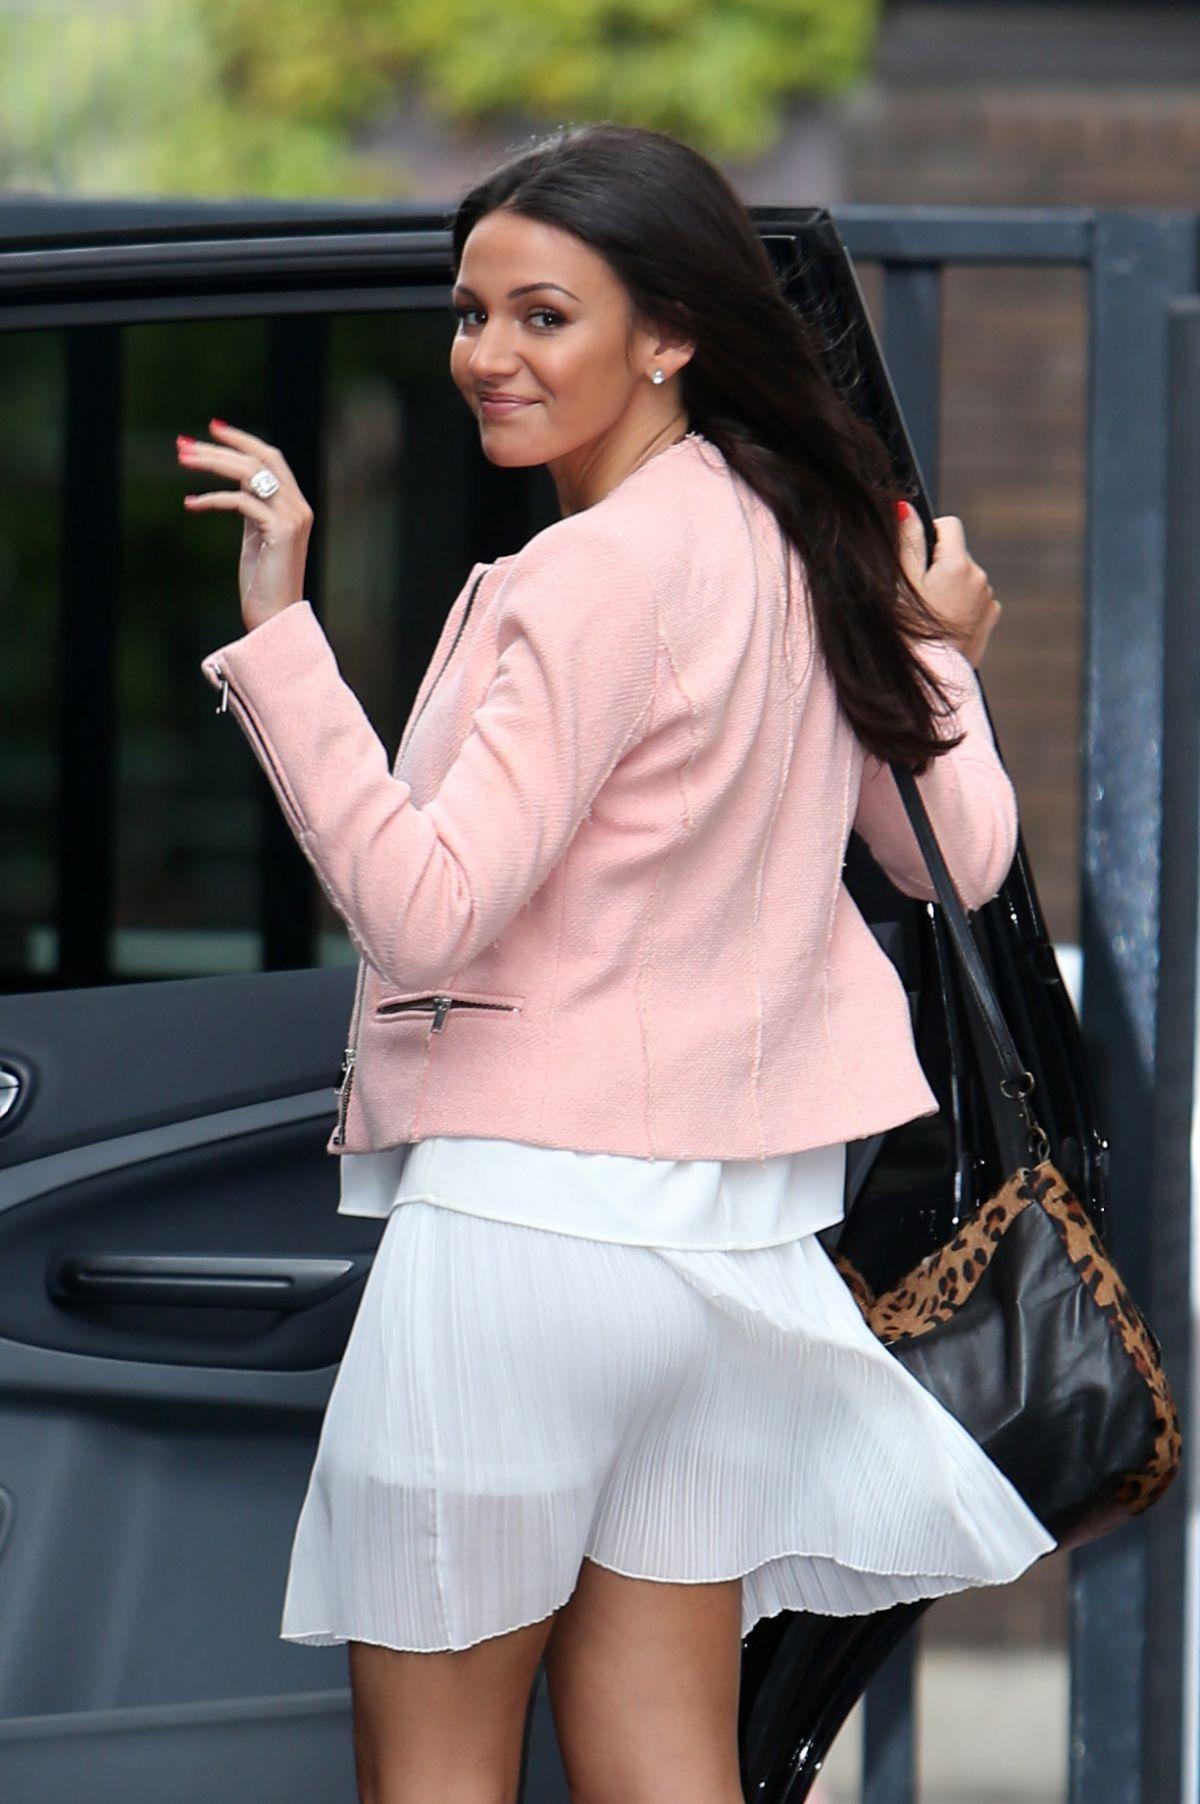 MICHELLE KEEGAN Leaves ITV Studios in London